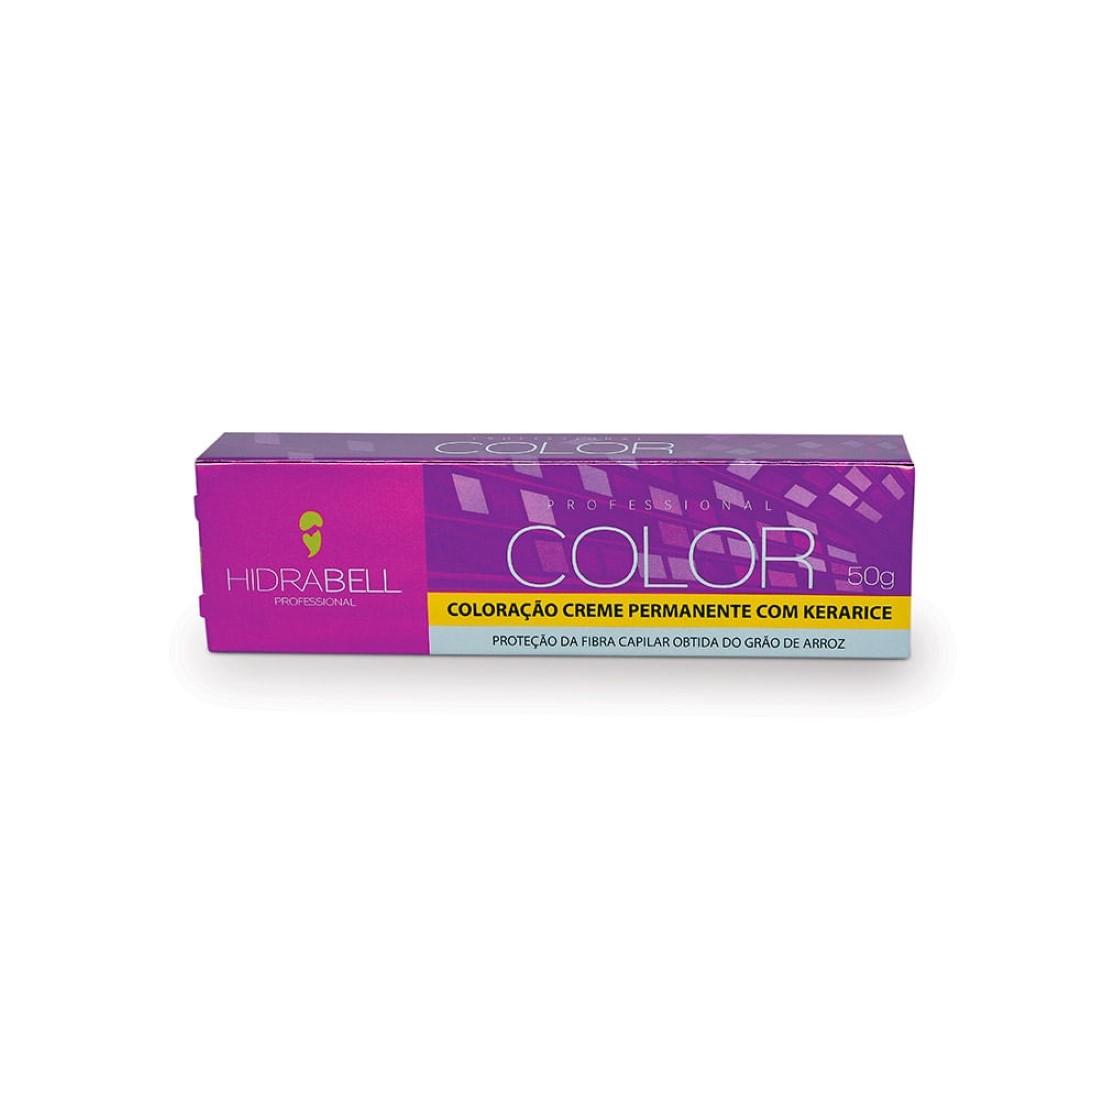 Coloração Creme Permanente 8.31 Louro Claro Bege 50g - Hidrabell